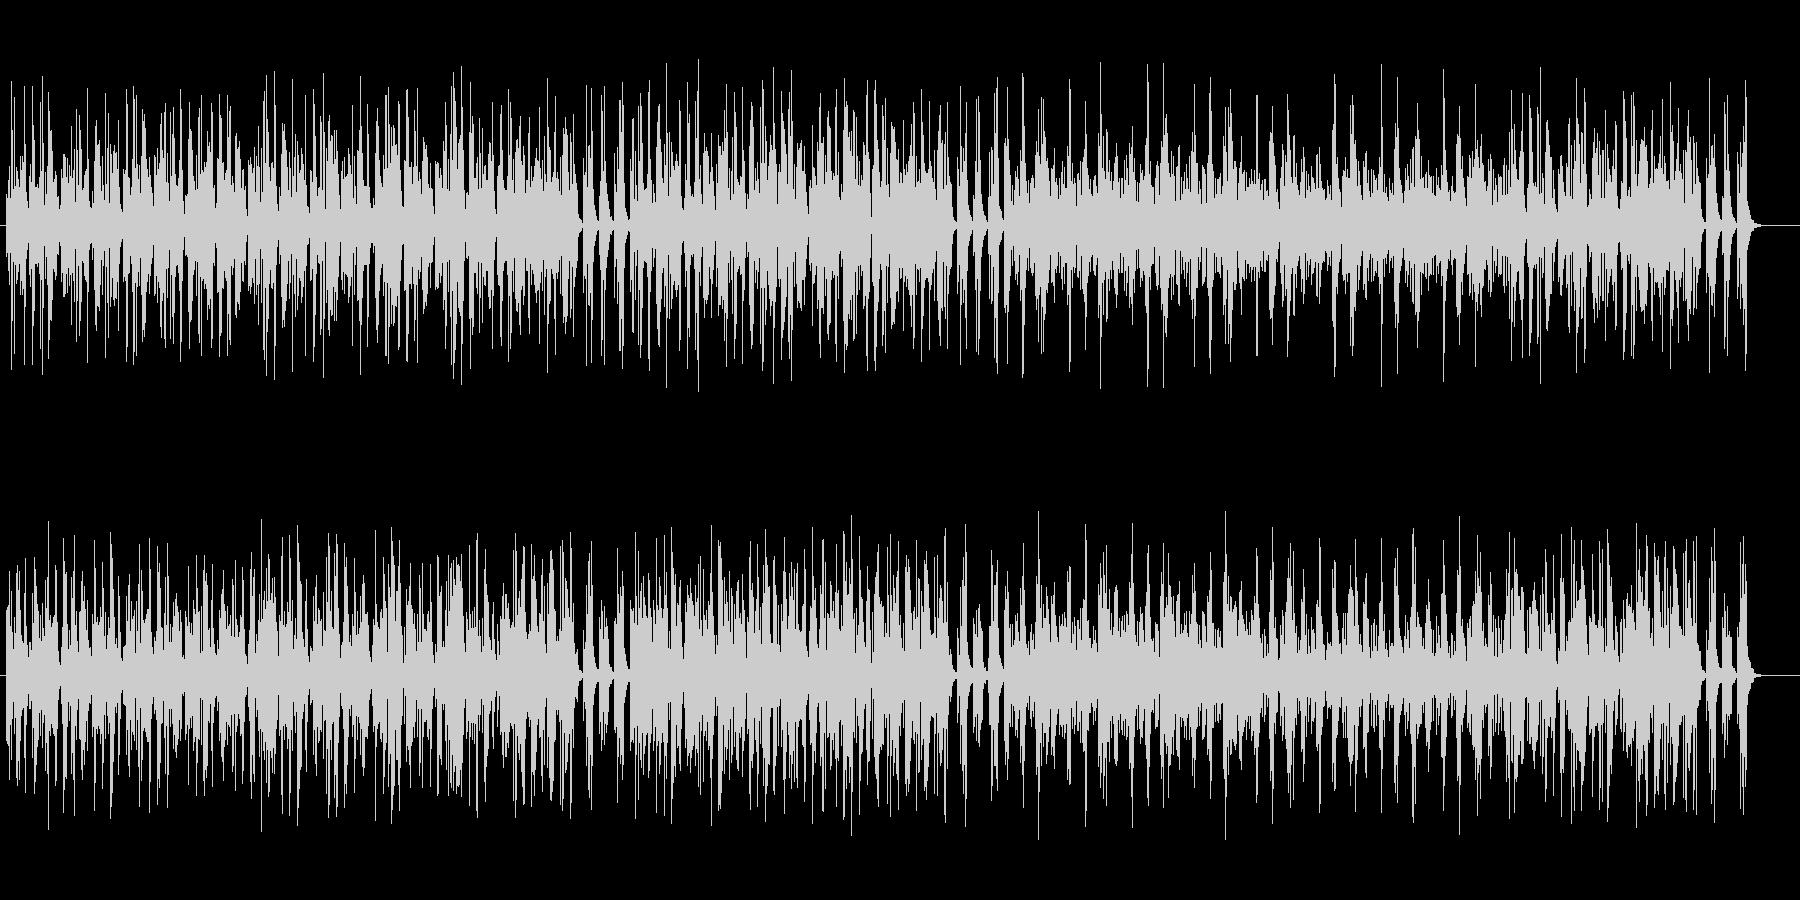 ダークで意味深なテクノミュージックの未再生の波形